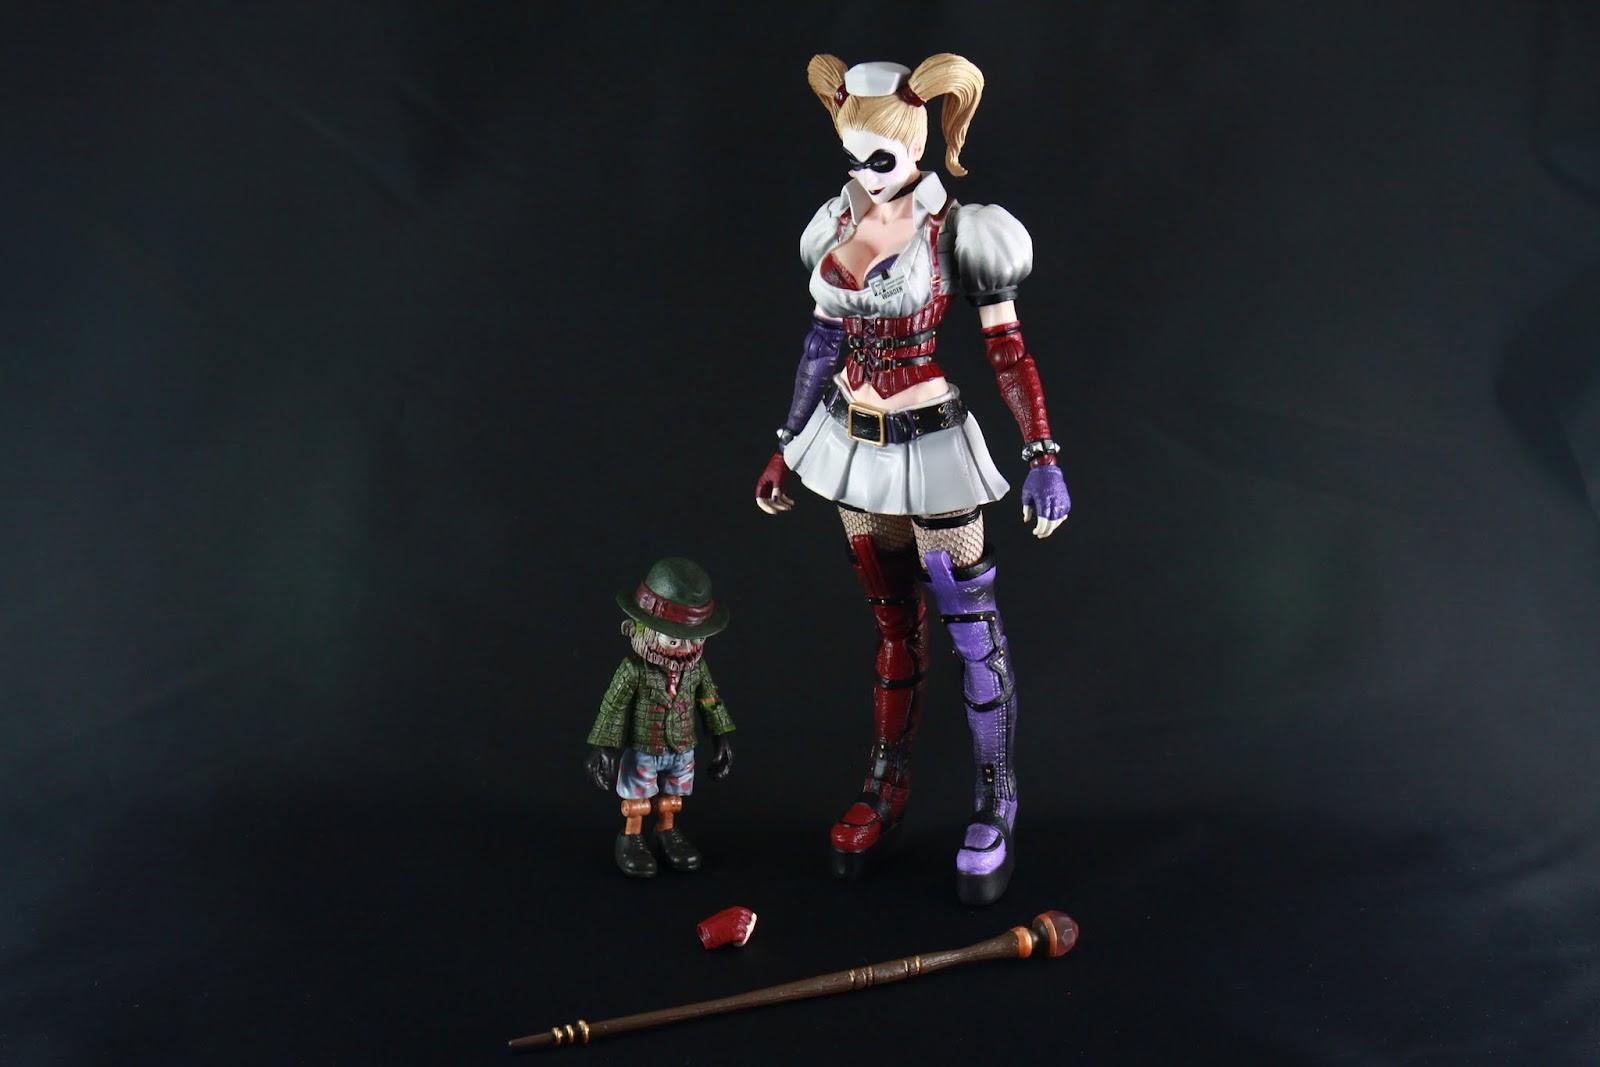 內容物一覽 Harley Quinn一位 Mr J木偶一隻 替換用手首一個 權杖一根 沒了~ 本系列附的零件真的是少到一種極限 權杖是她從Arkham Asylum院長手上搶來的 那死胖子竟然活到二代